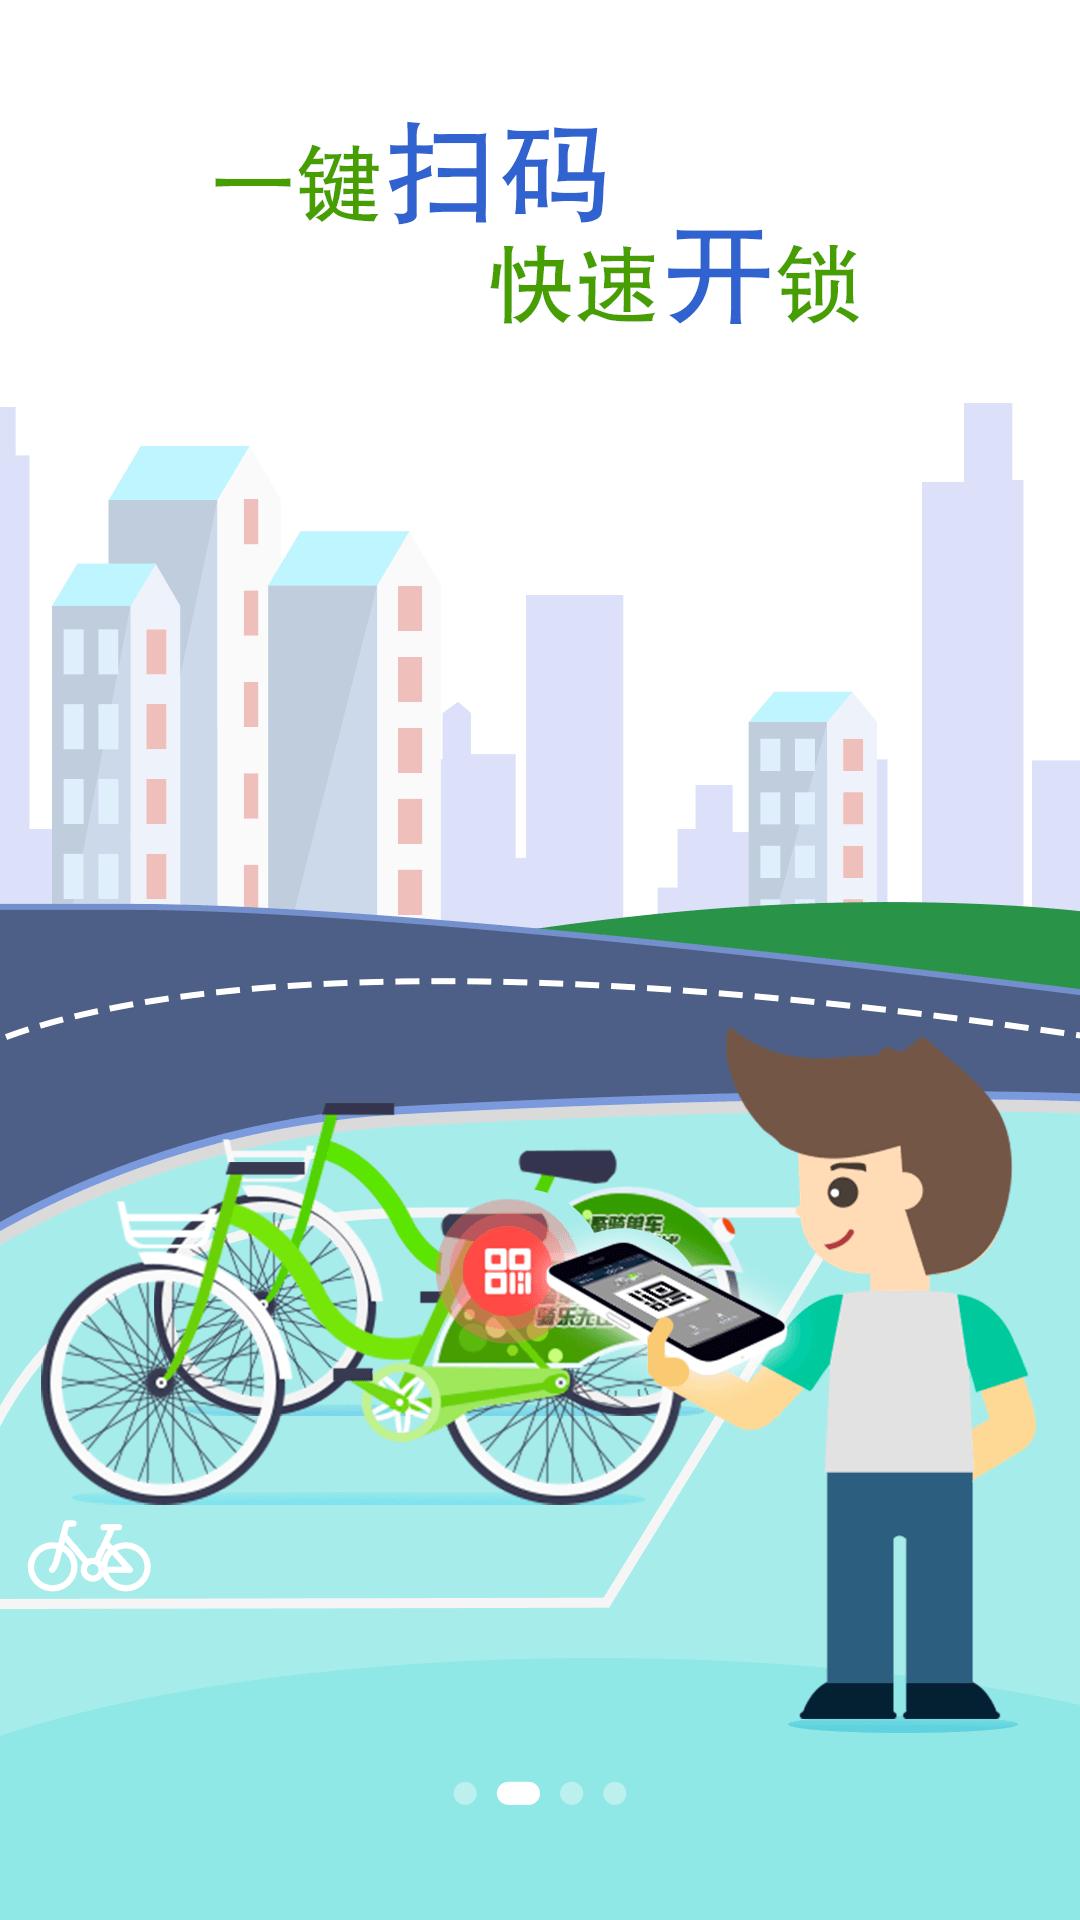 沈阳共享单车有哪些功能?沈阳共享单车的软件功能介绍[图]